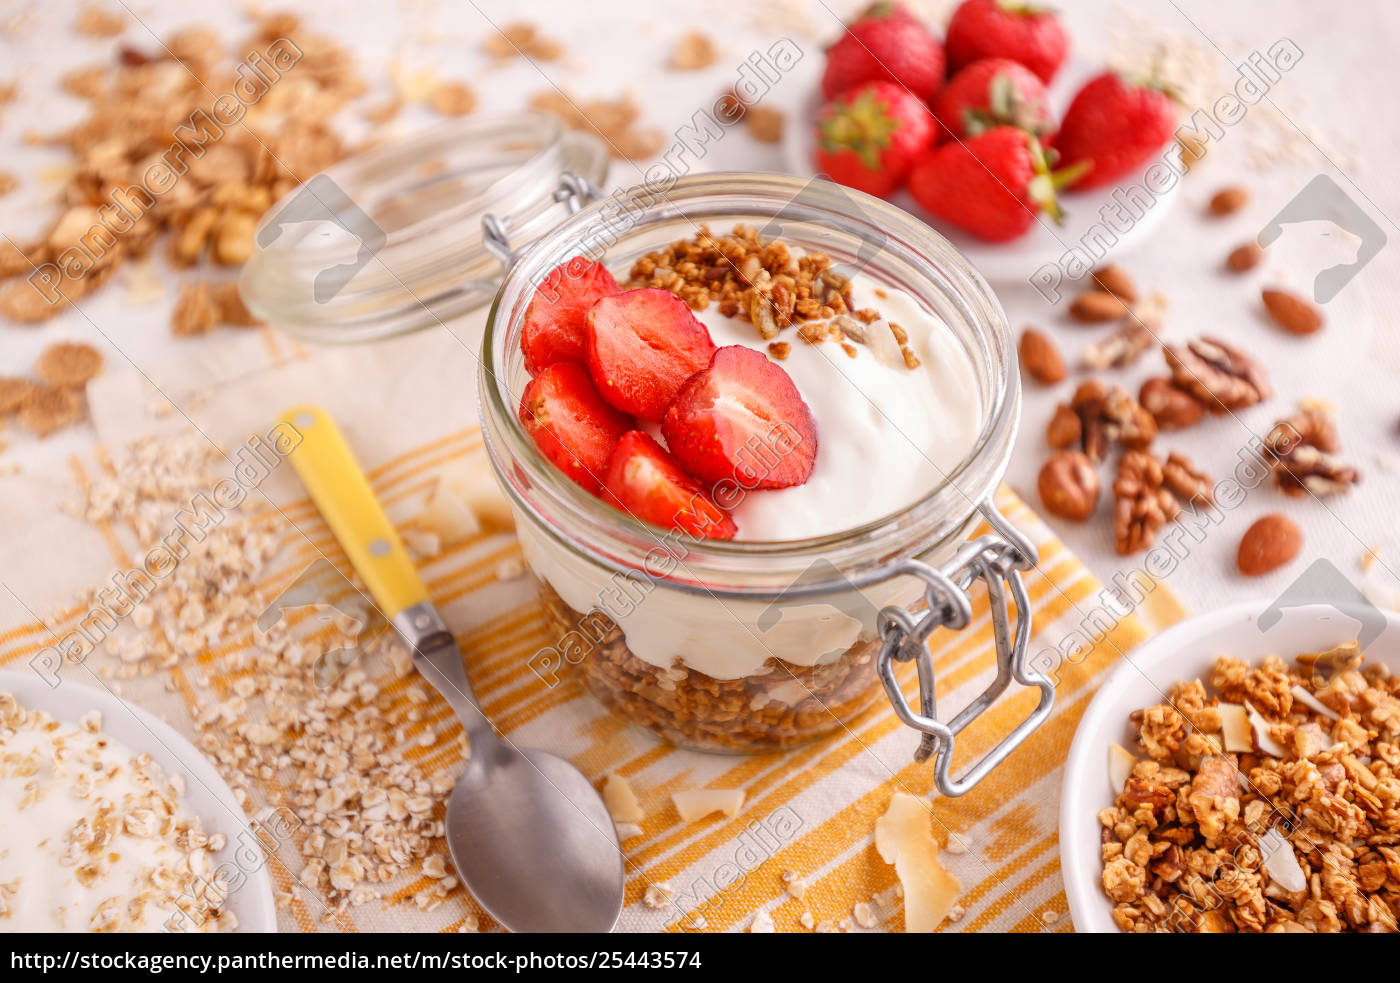 homemade, granola, with, yogurt - 25443574